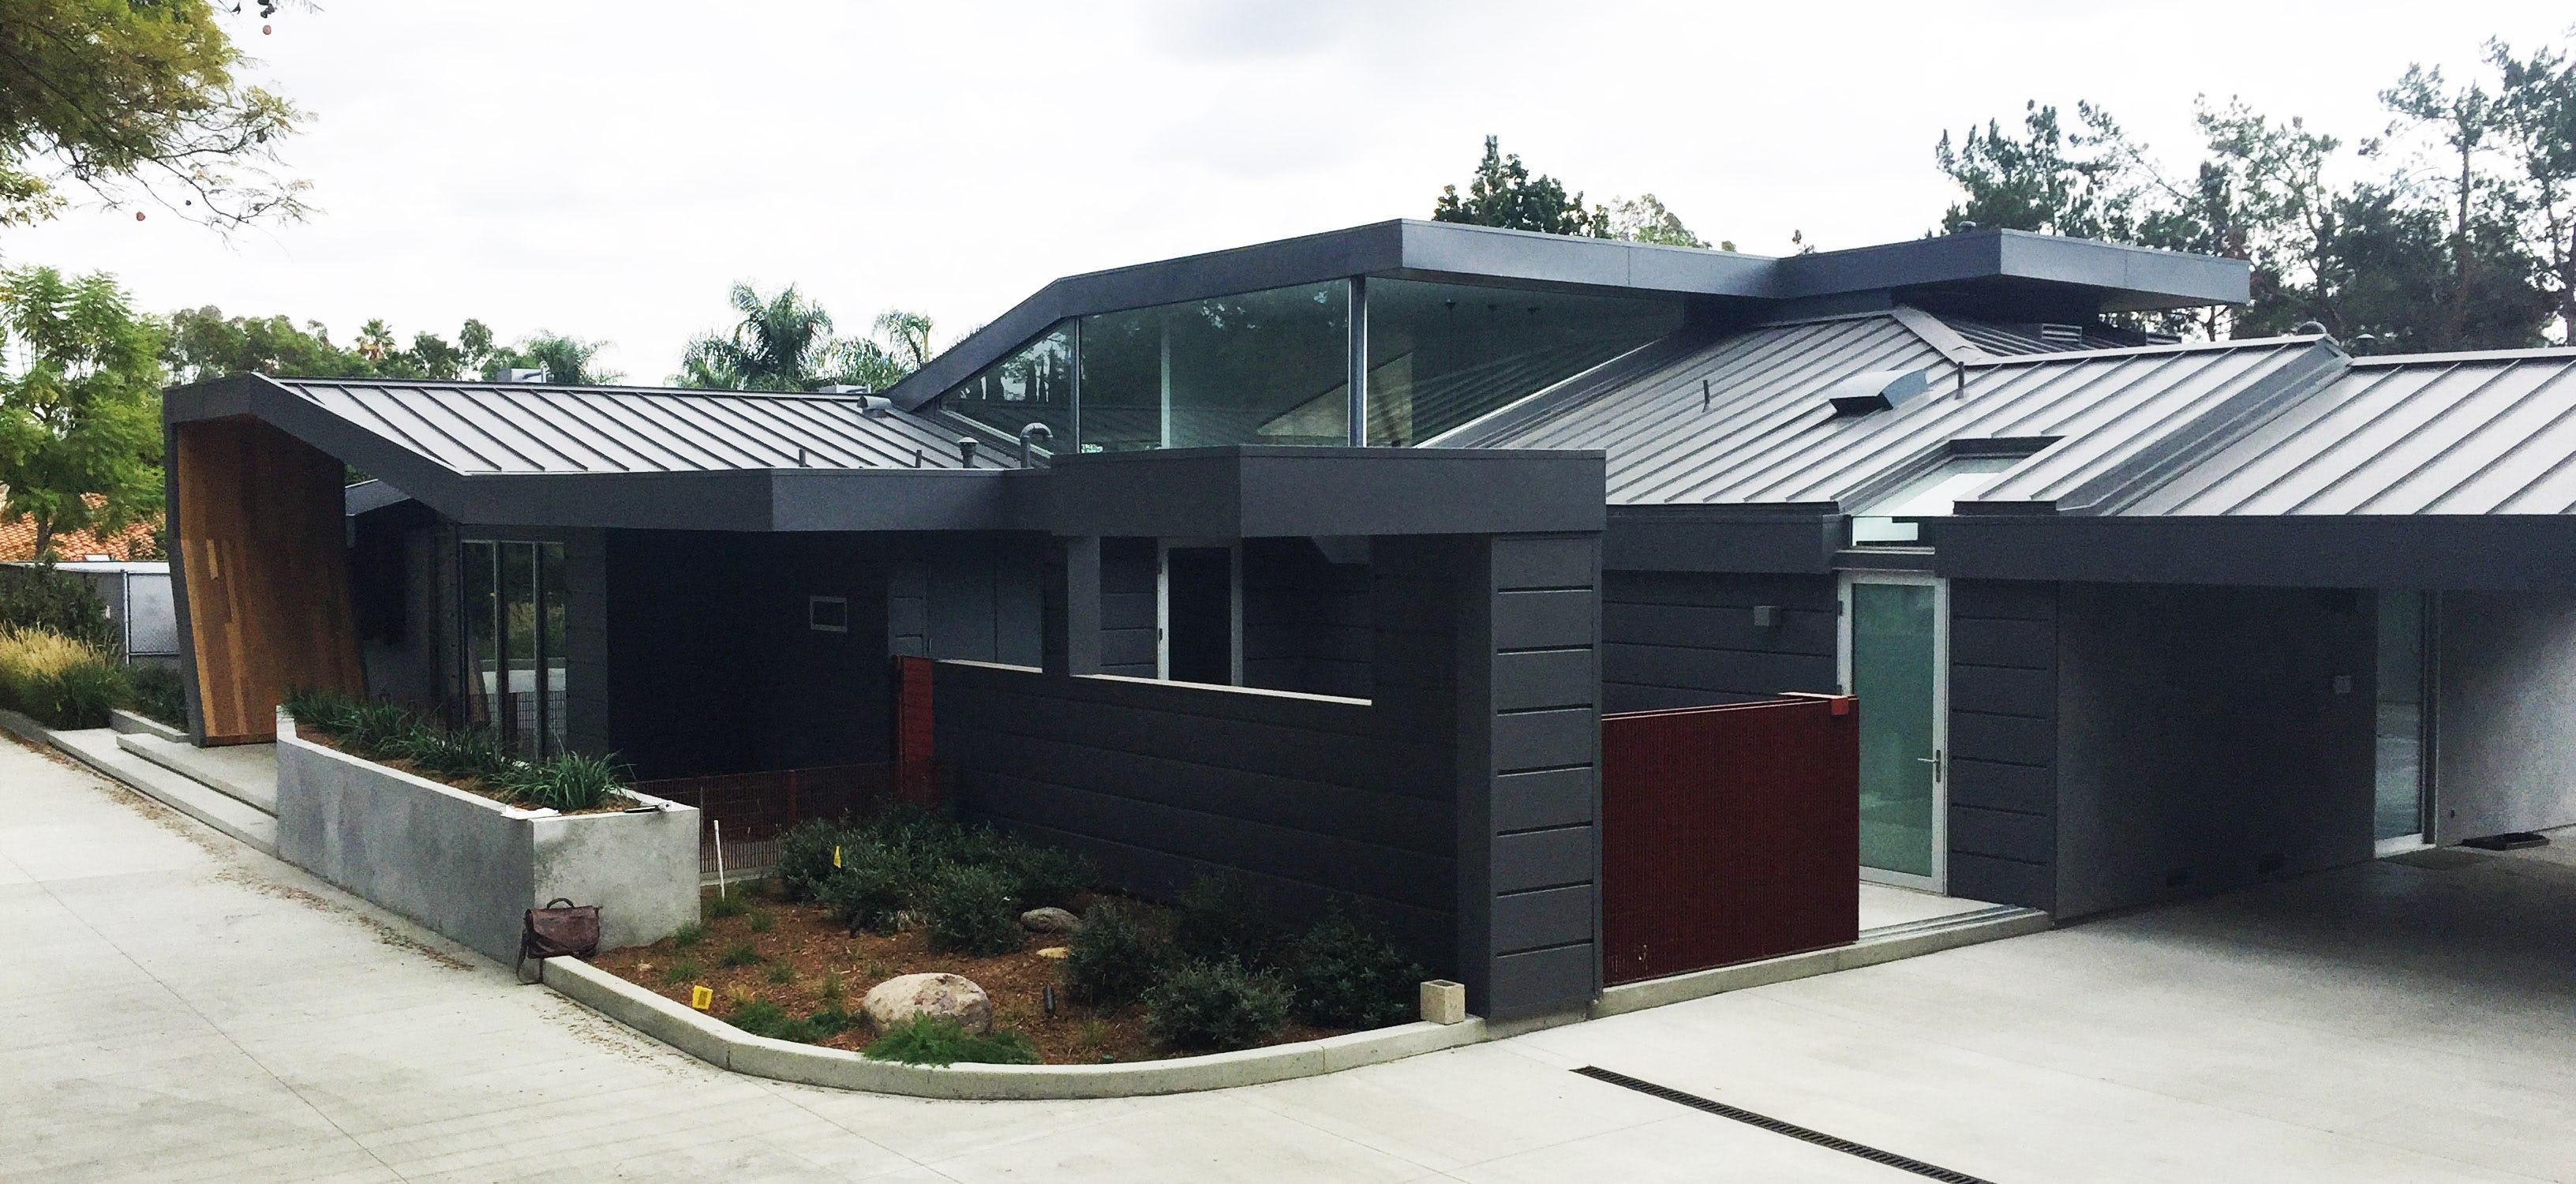 171109 florin residence side